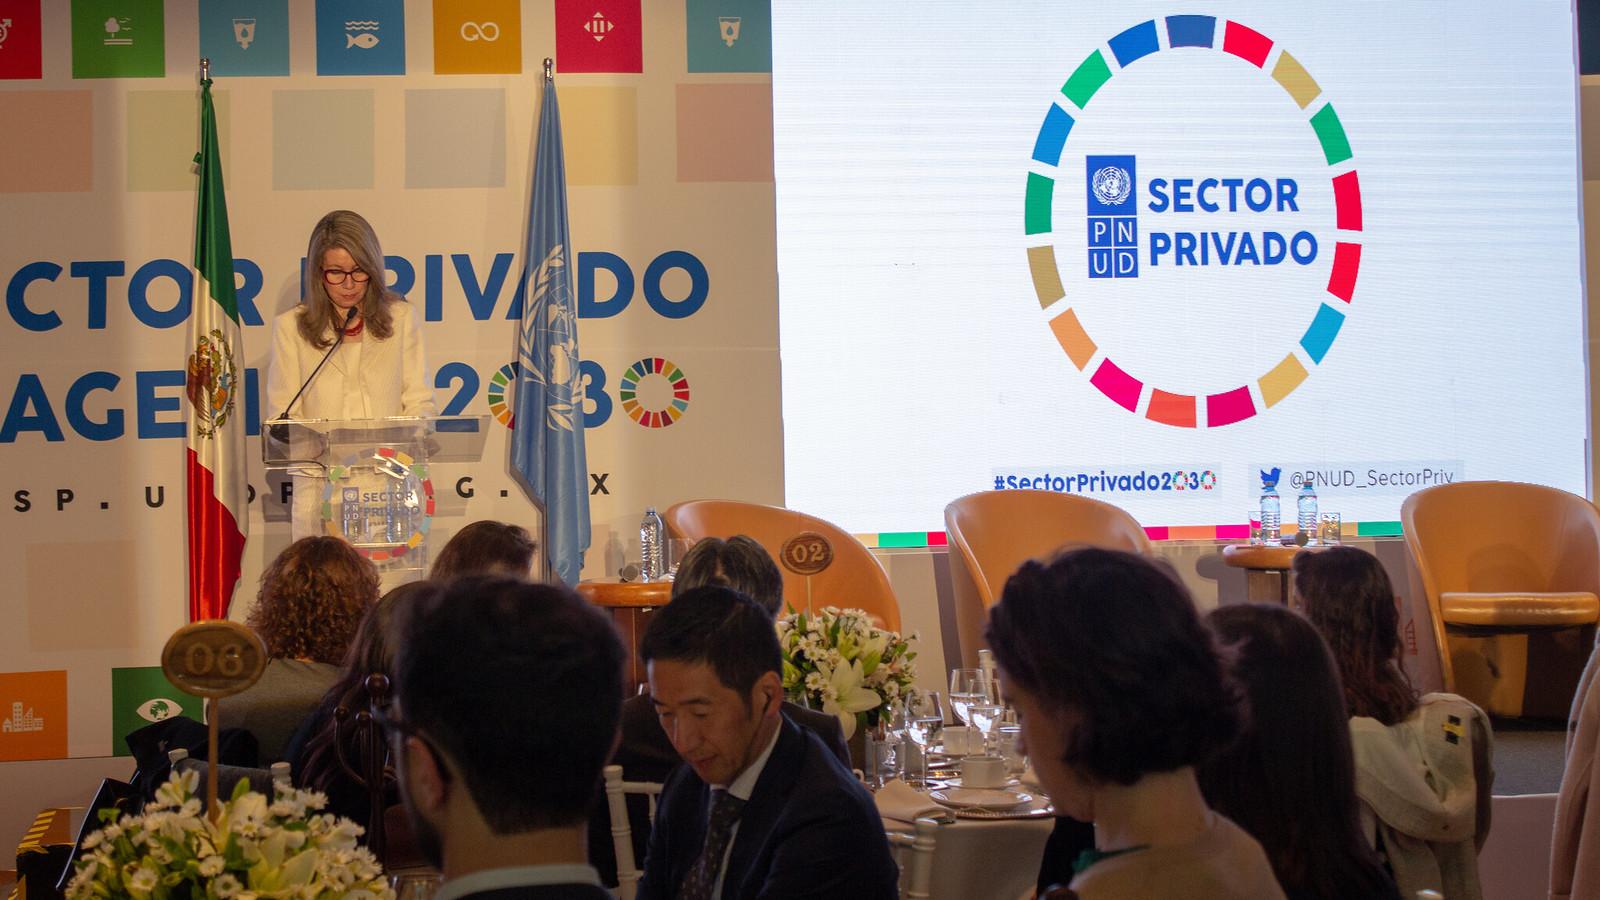 Plataforma del PNUD apoyará al sector privado para logro de Agenda 2030